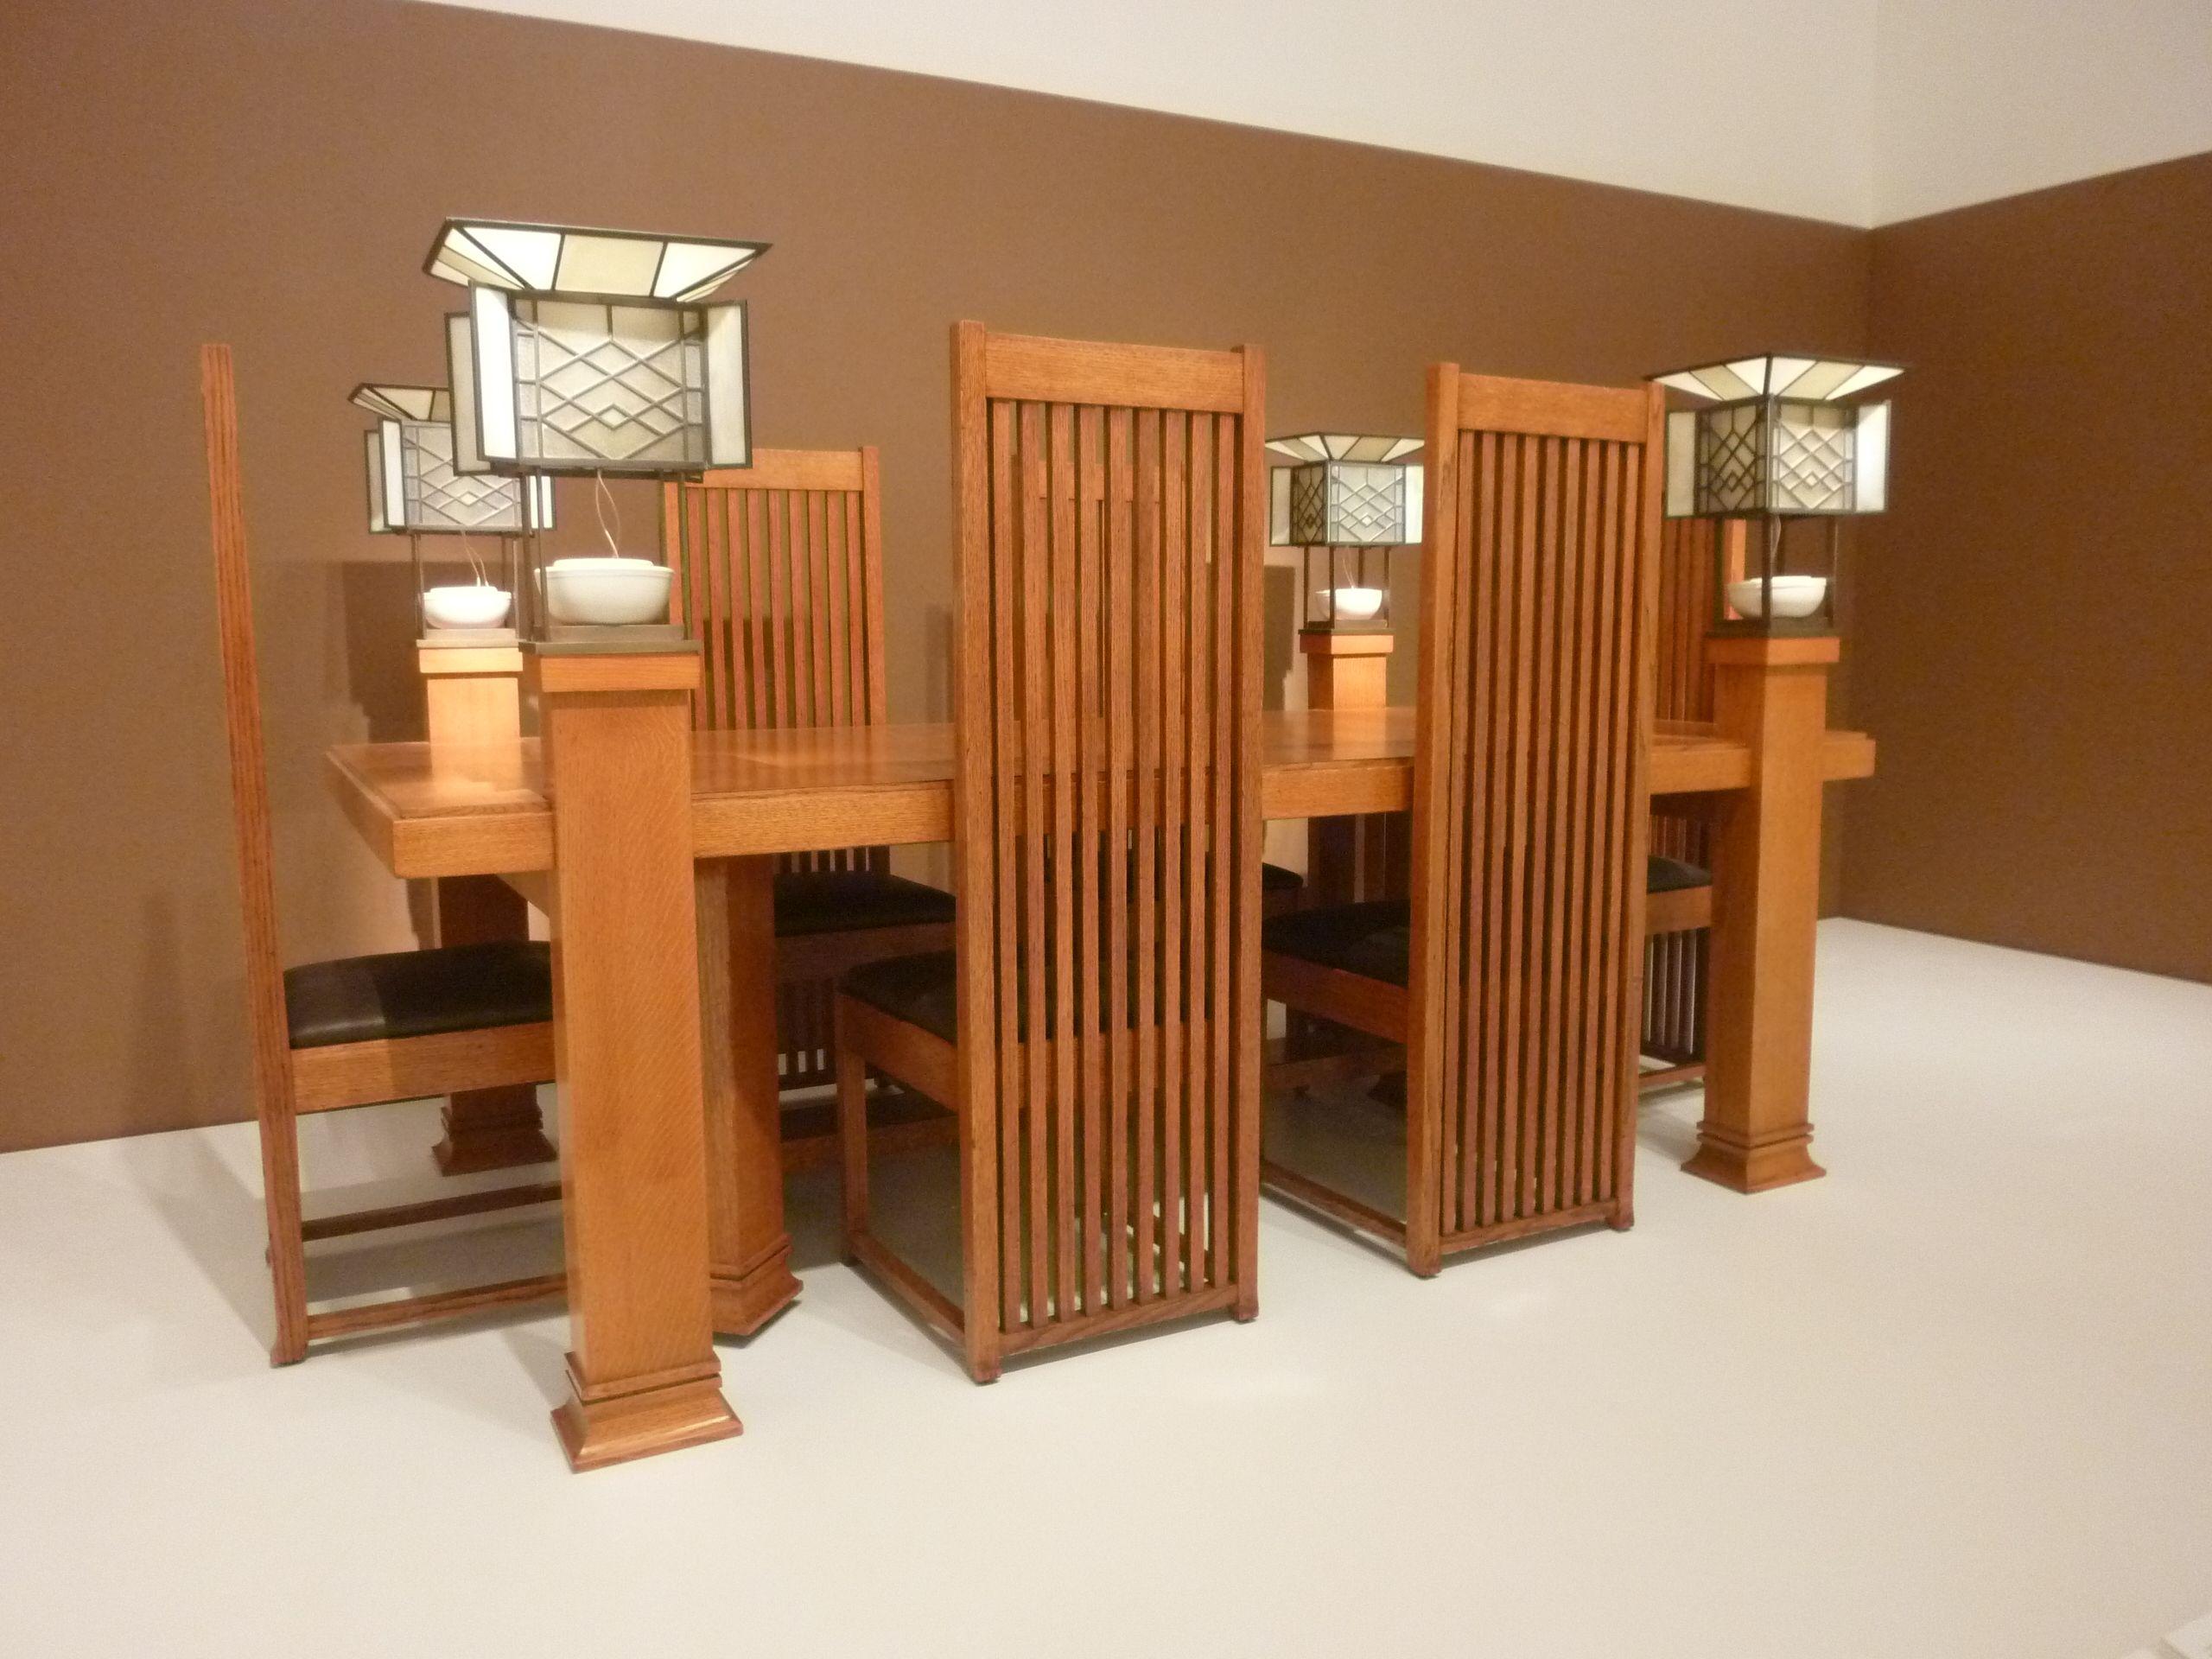 Frank Lloyd Wright Robie House Frank Lloyd Wright Frank Lloyd Wright Furniture